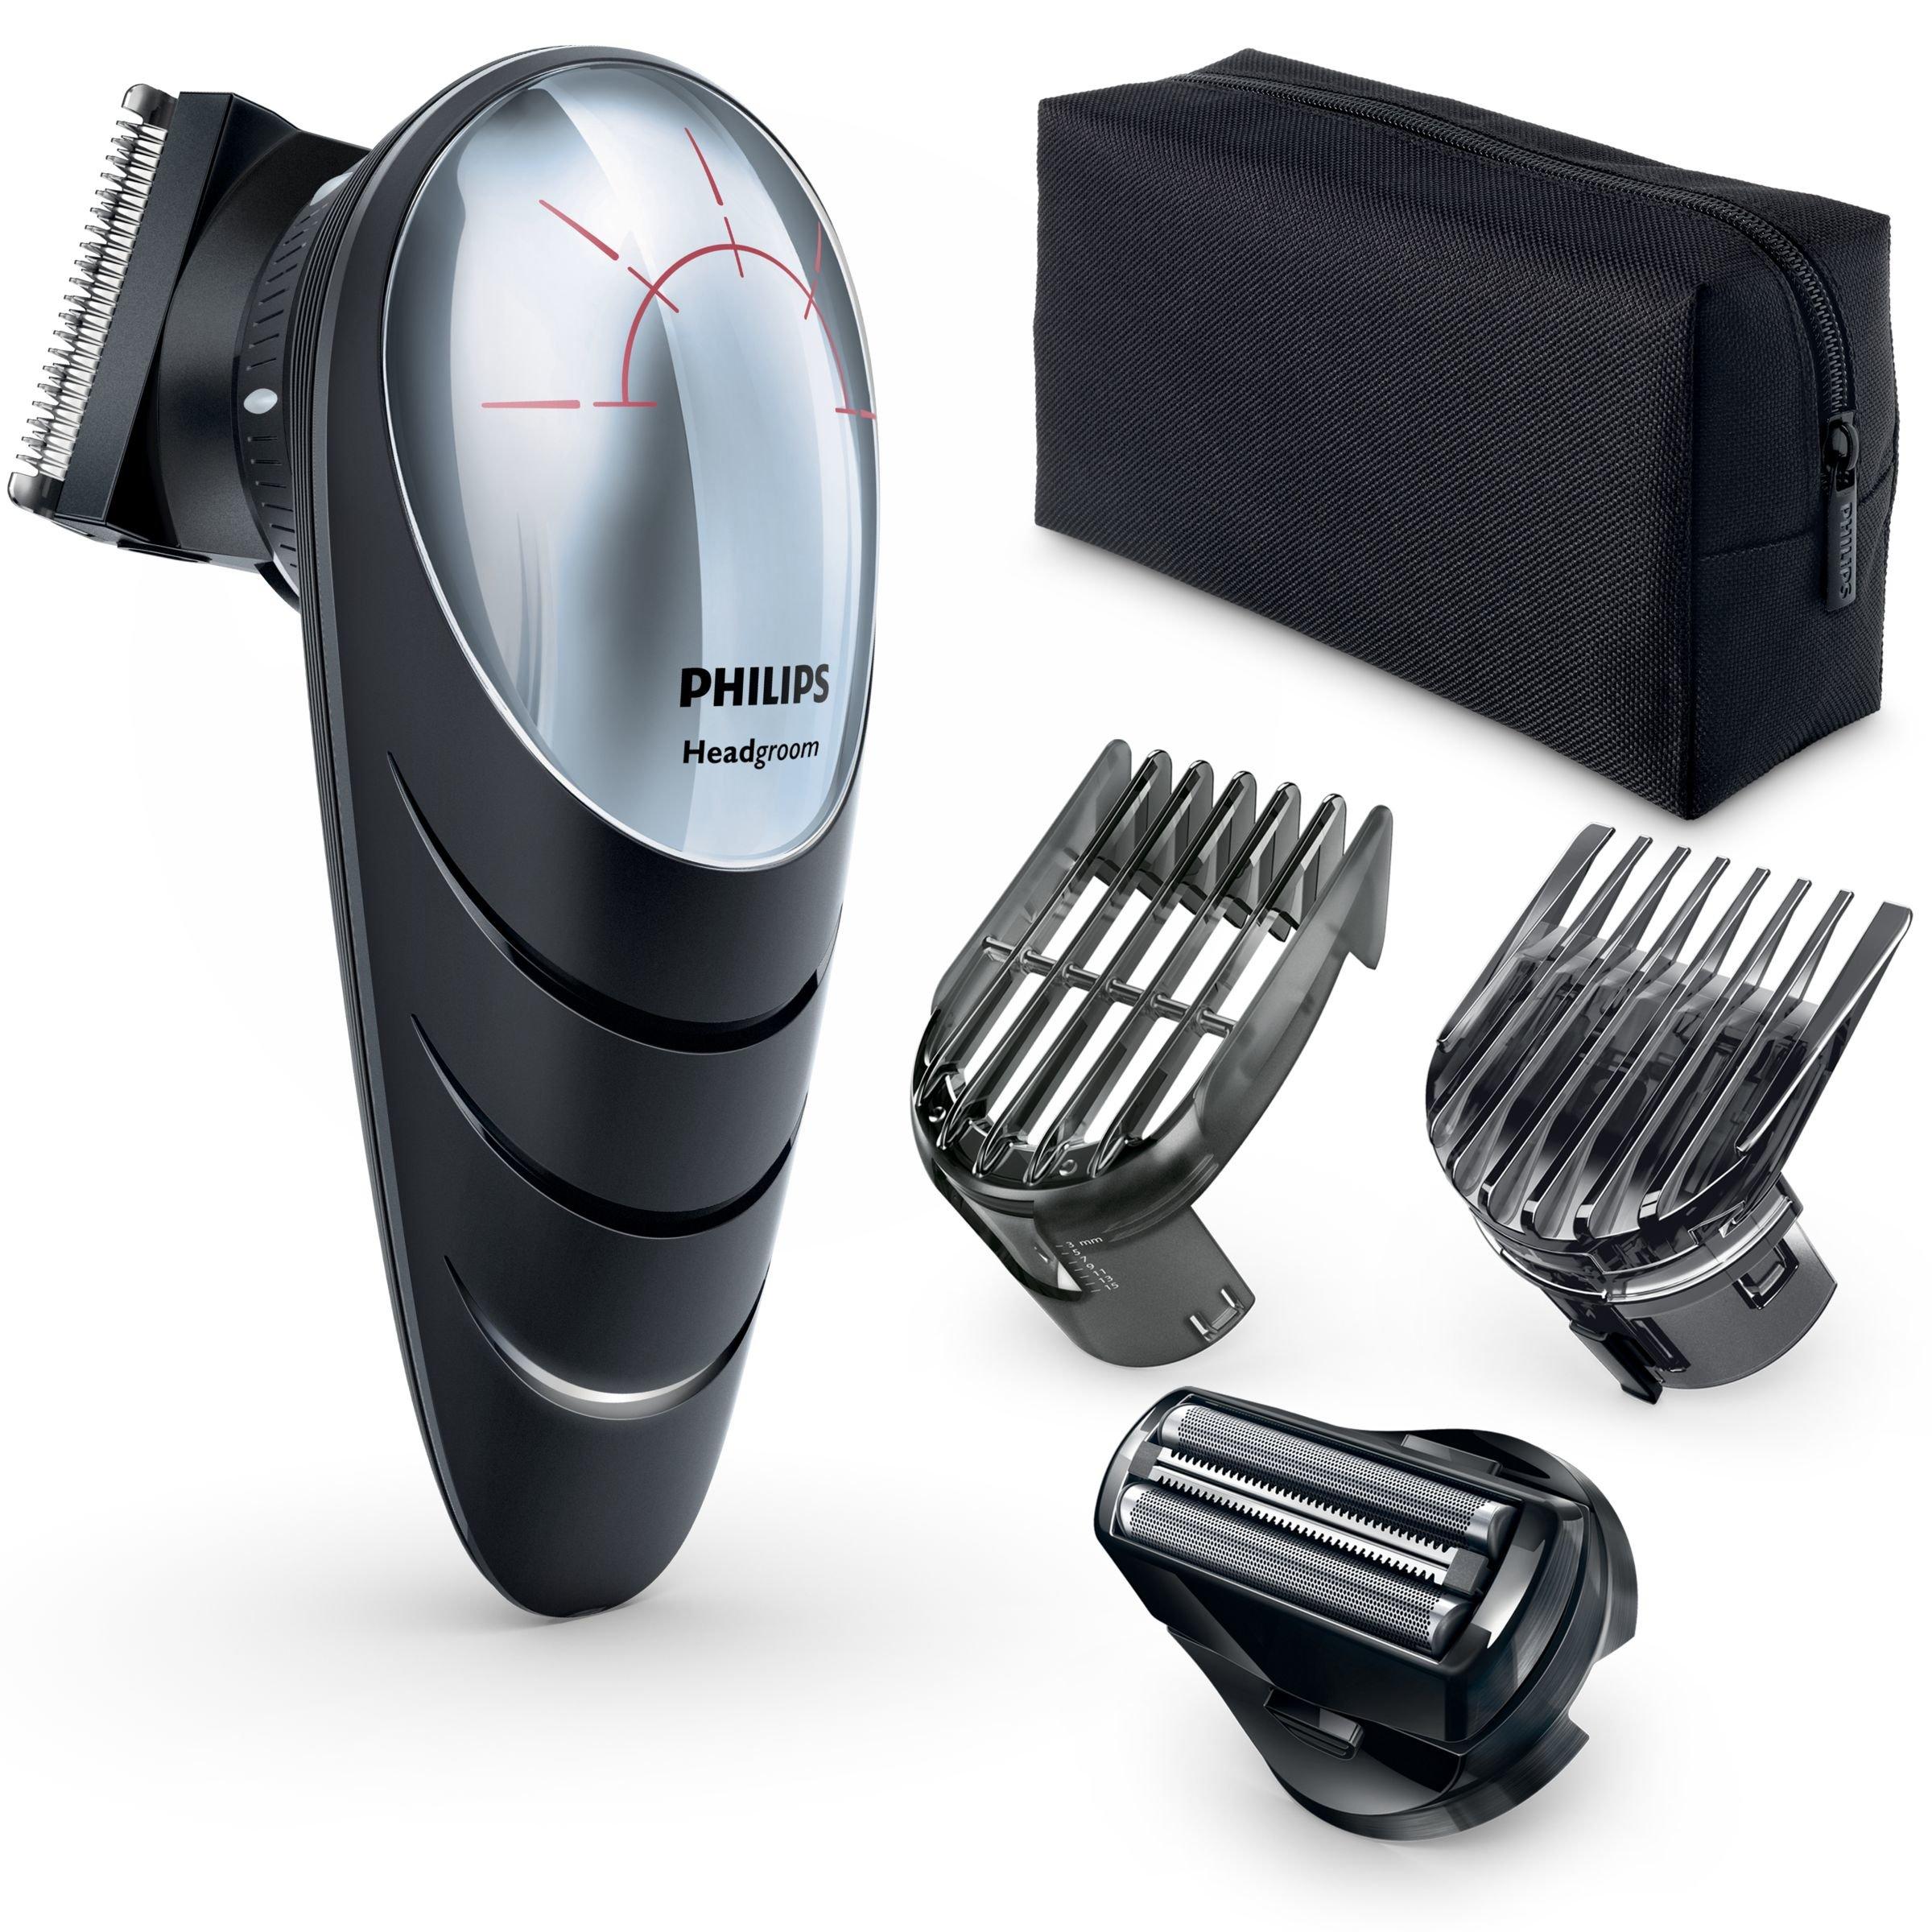 Philips QC5580/32 – Cortapelos con cabezal con giro de 180º para un mejor alcance. Incluye cabezal de corte con peine de 14 posiciones y cabezal de afeitado, red + recargable, negro